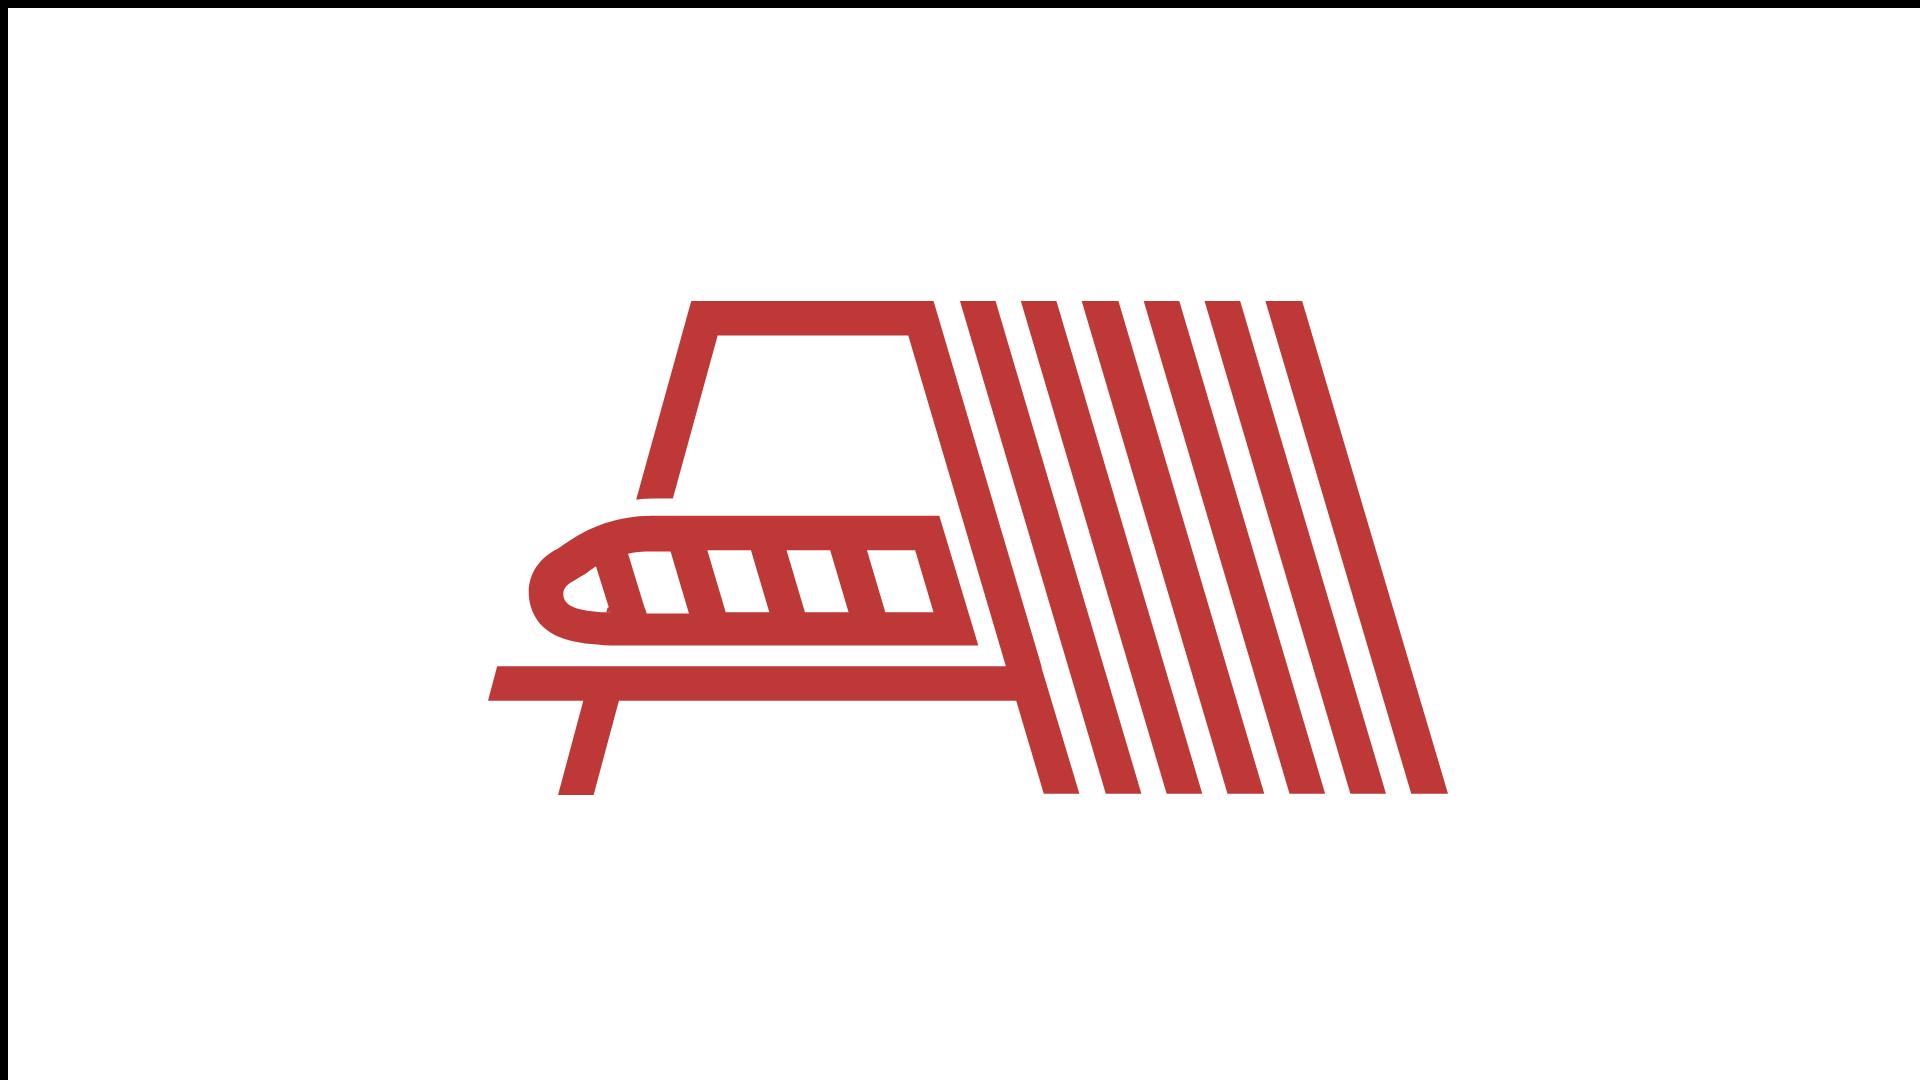 wallpaper_symbol